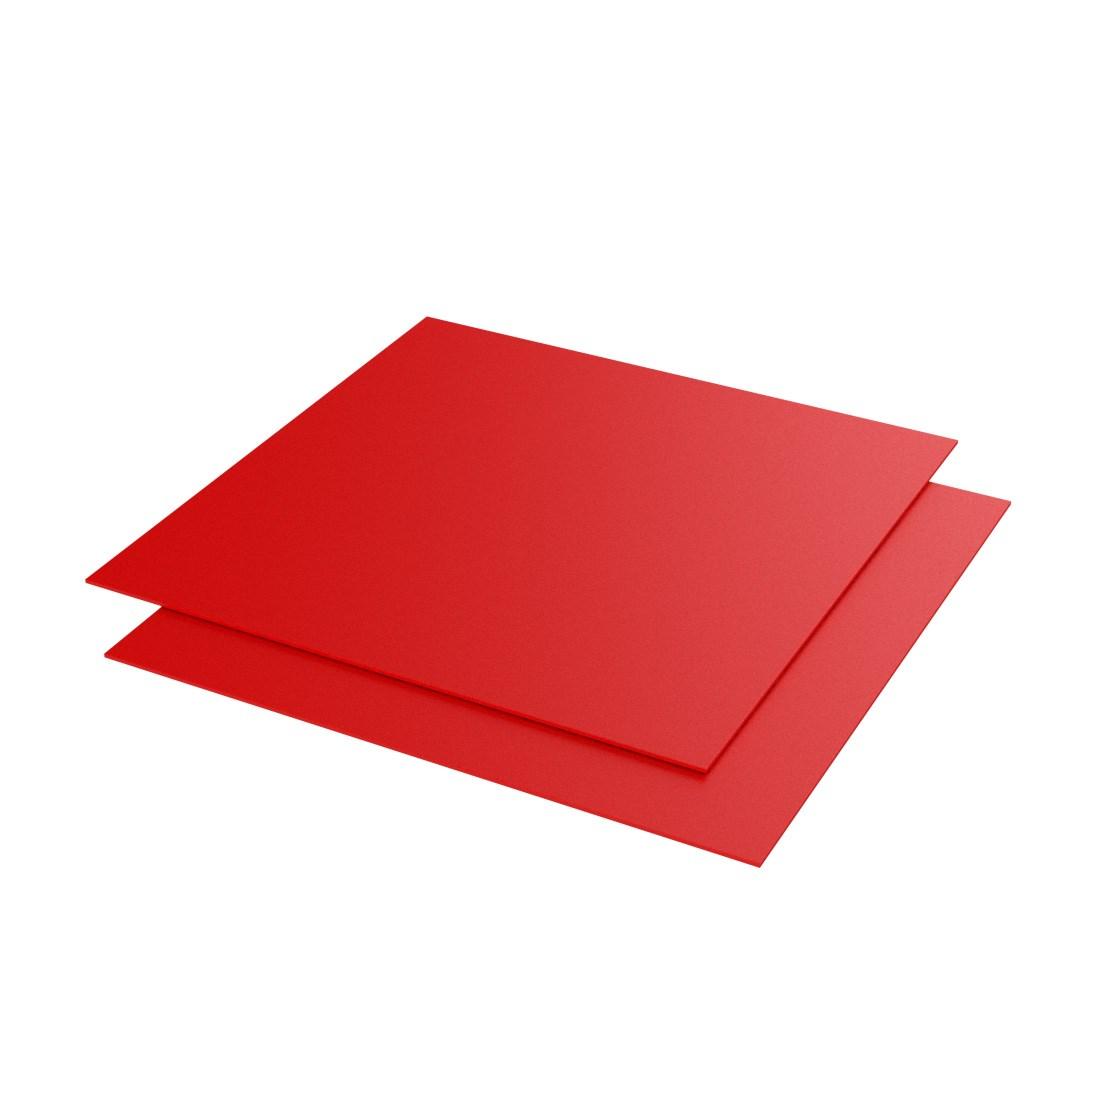 Vikunyl PVC Rood 4550 Mat 1300x1000x0,2mm